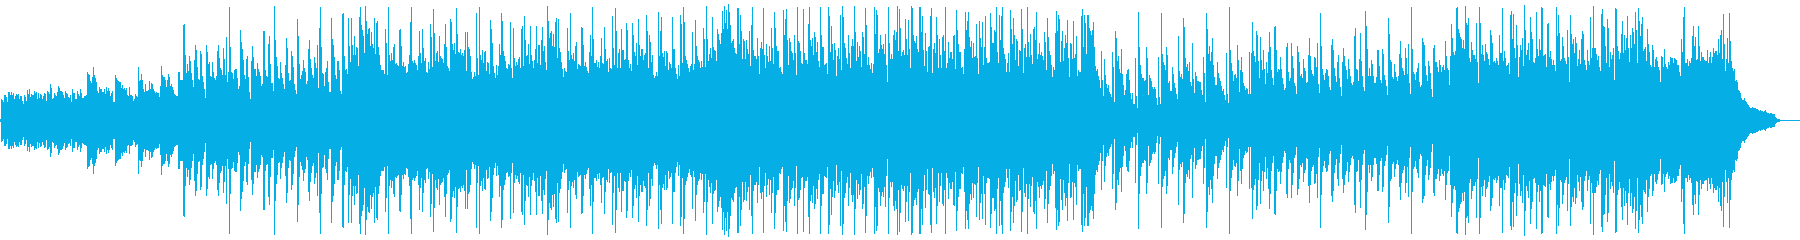 明るいフォークギターポップス:弦ぬきの再生済みの波形